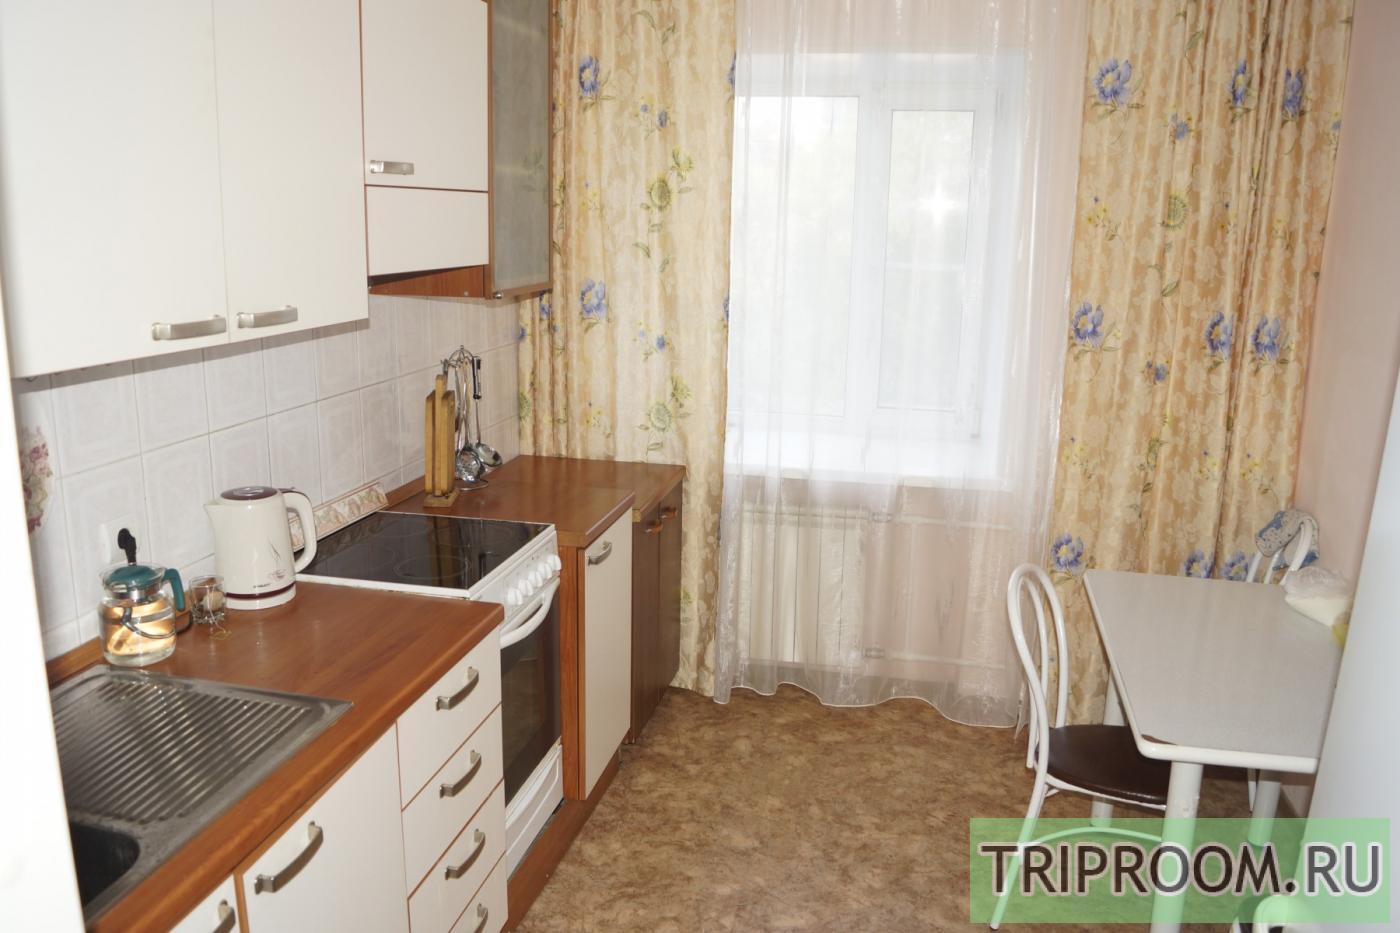 Аренда комнаты в общежитии недорого в хабаровске